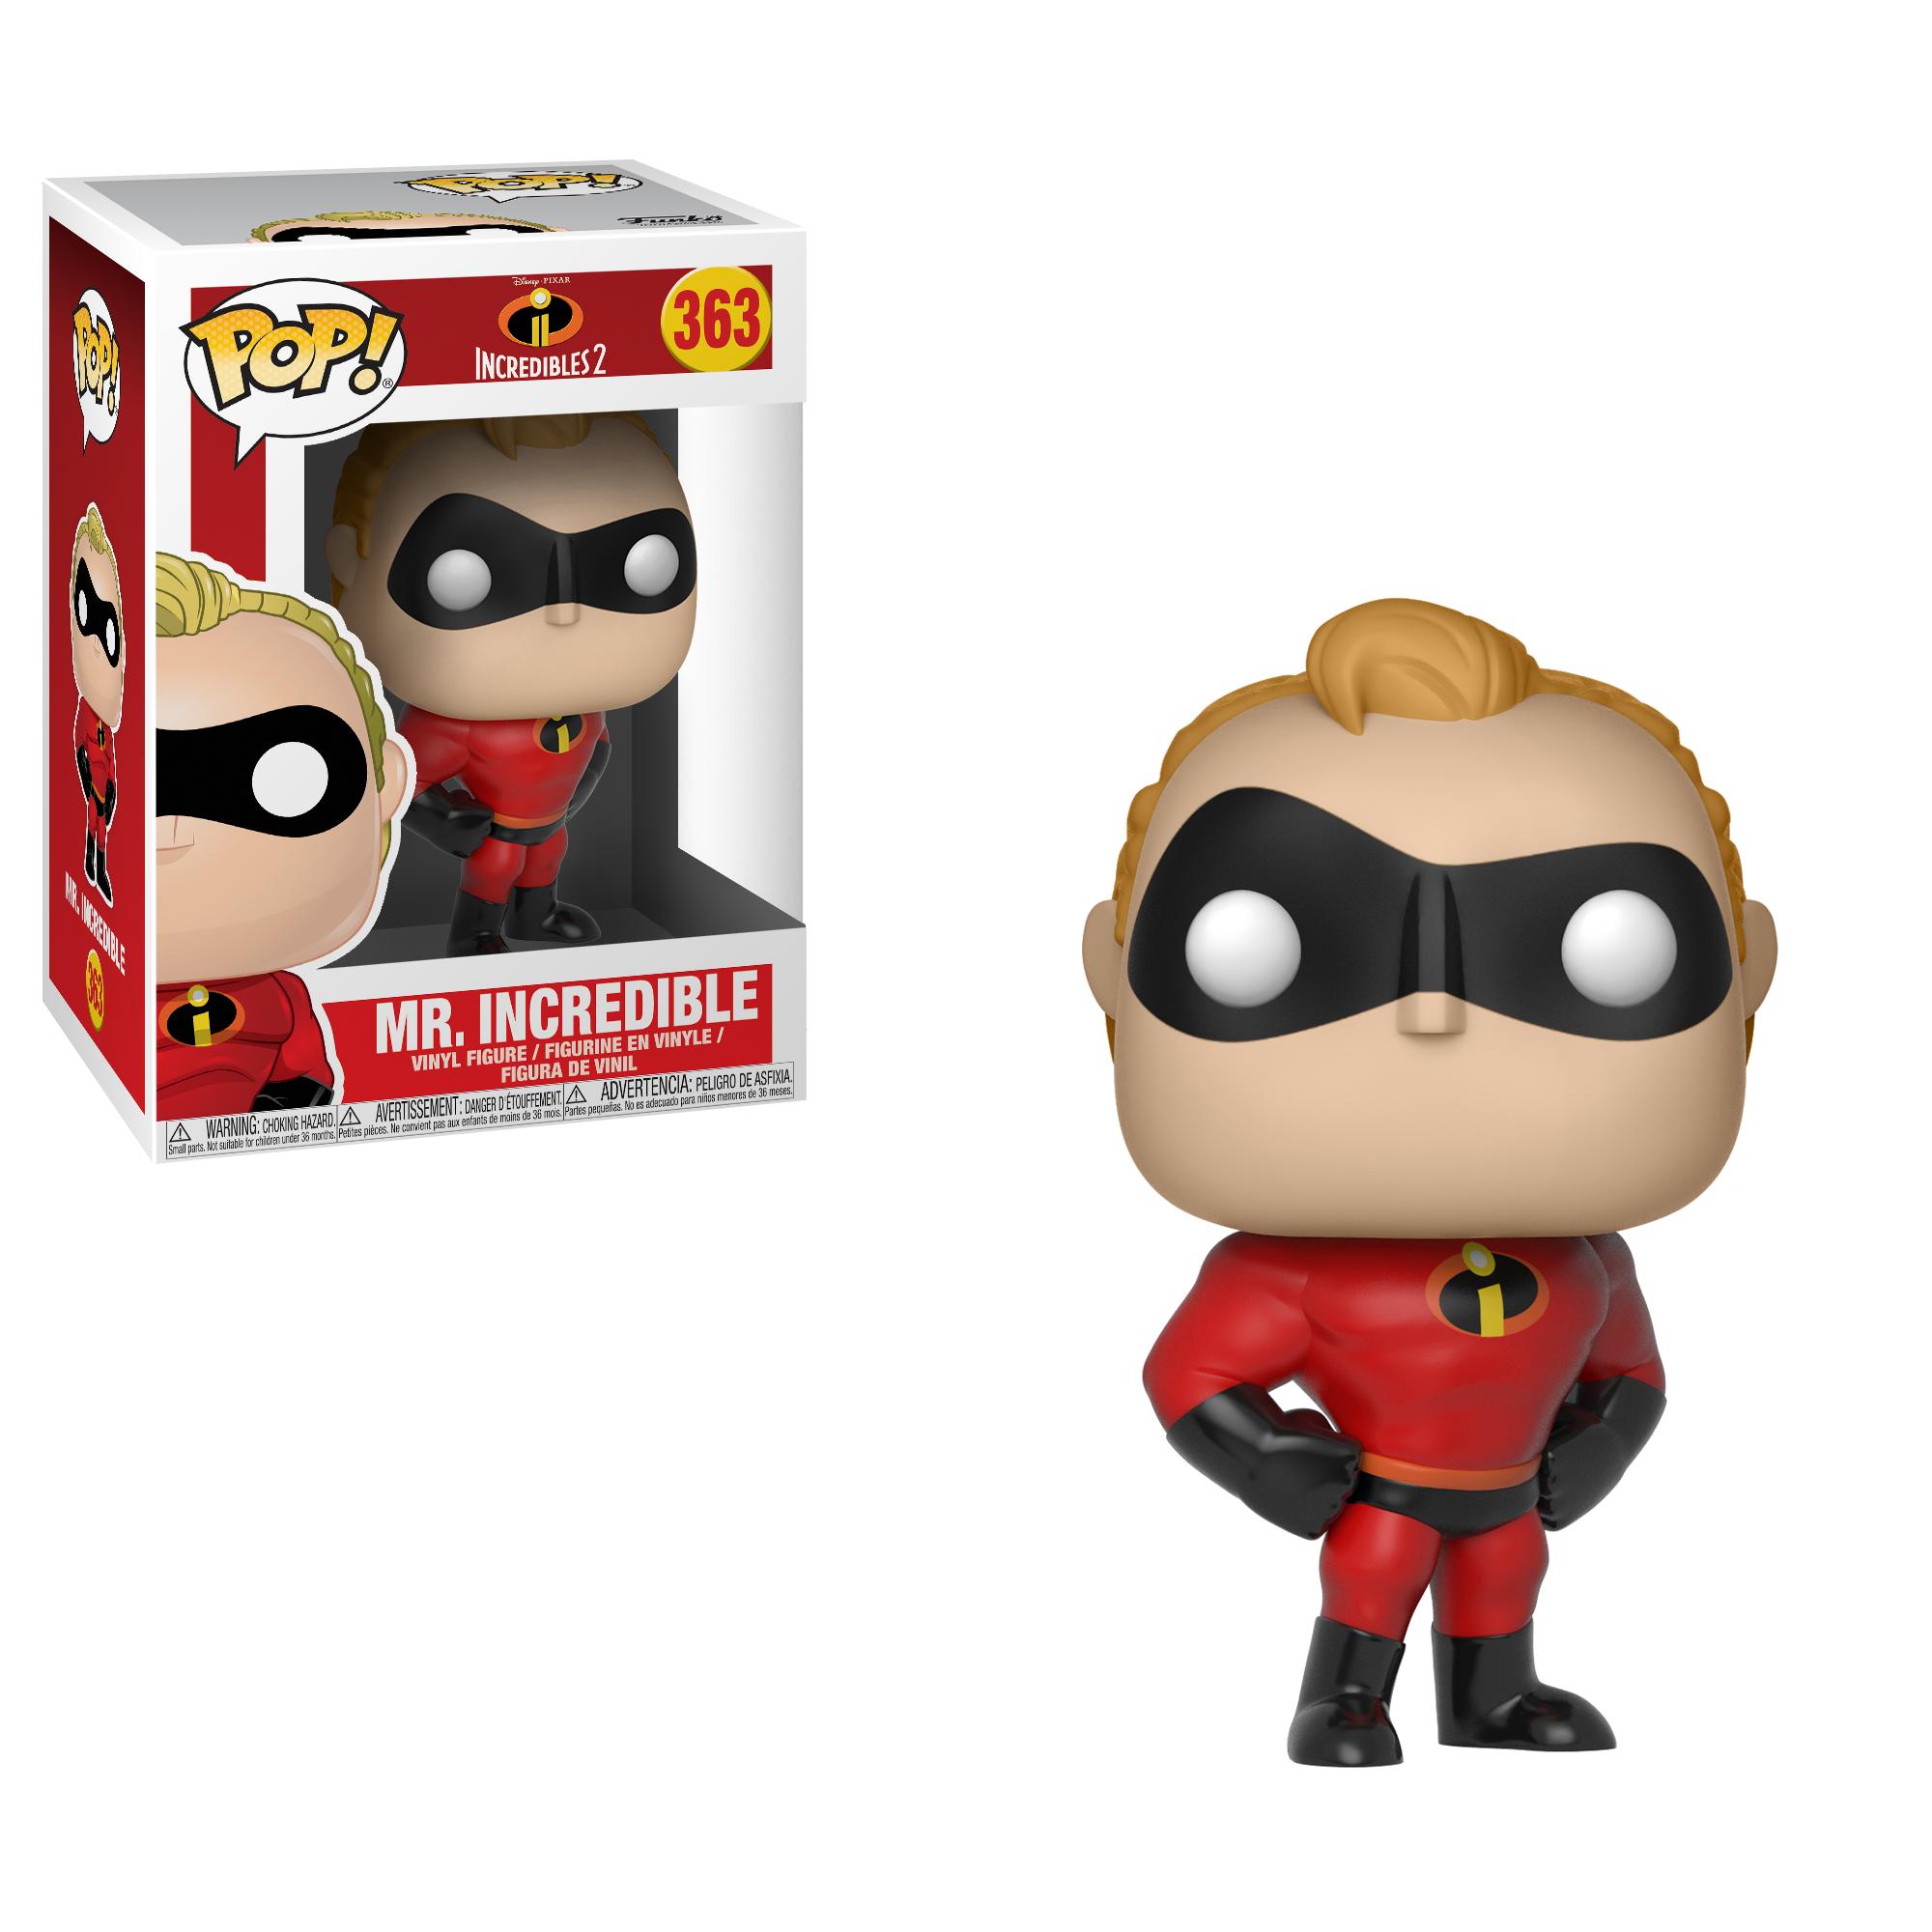 POP! Disney Pixar The Incredibles 2: Mr. Incredible